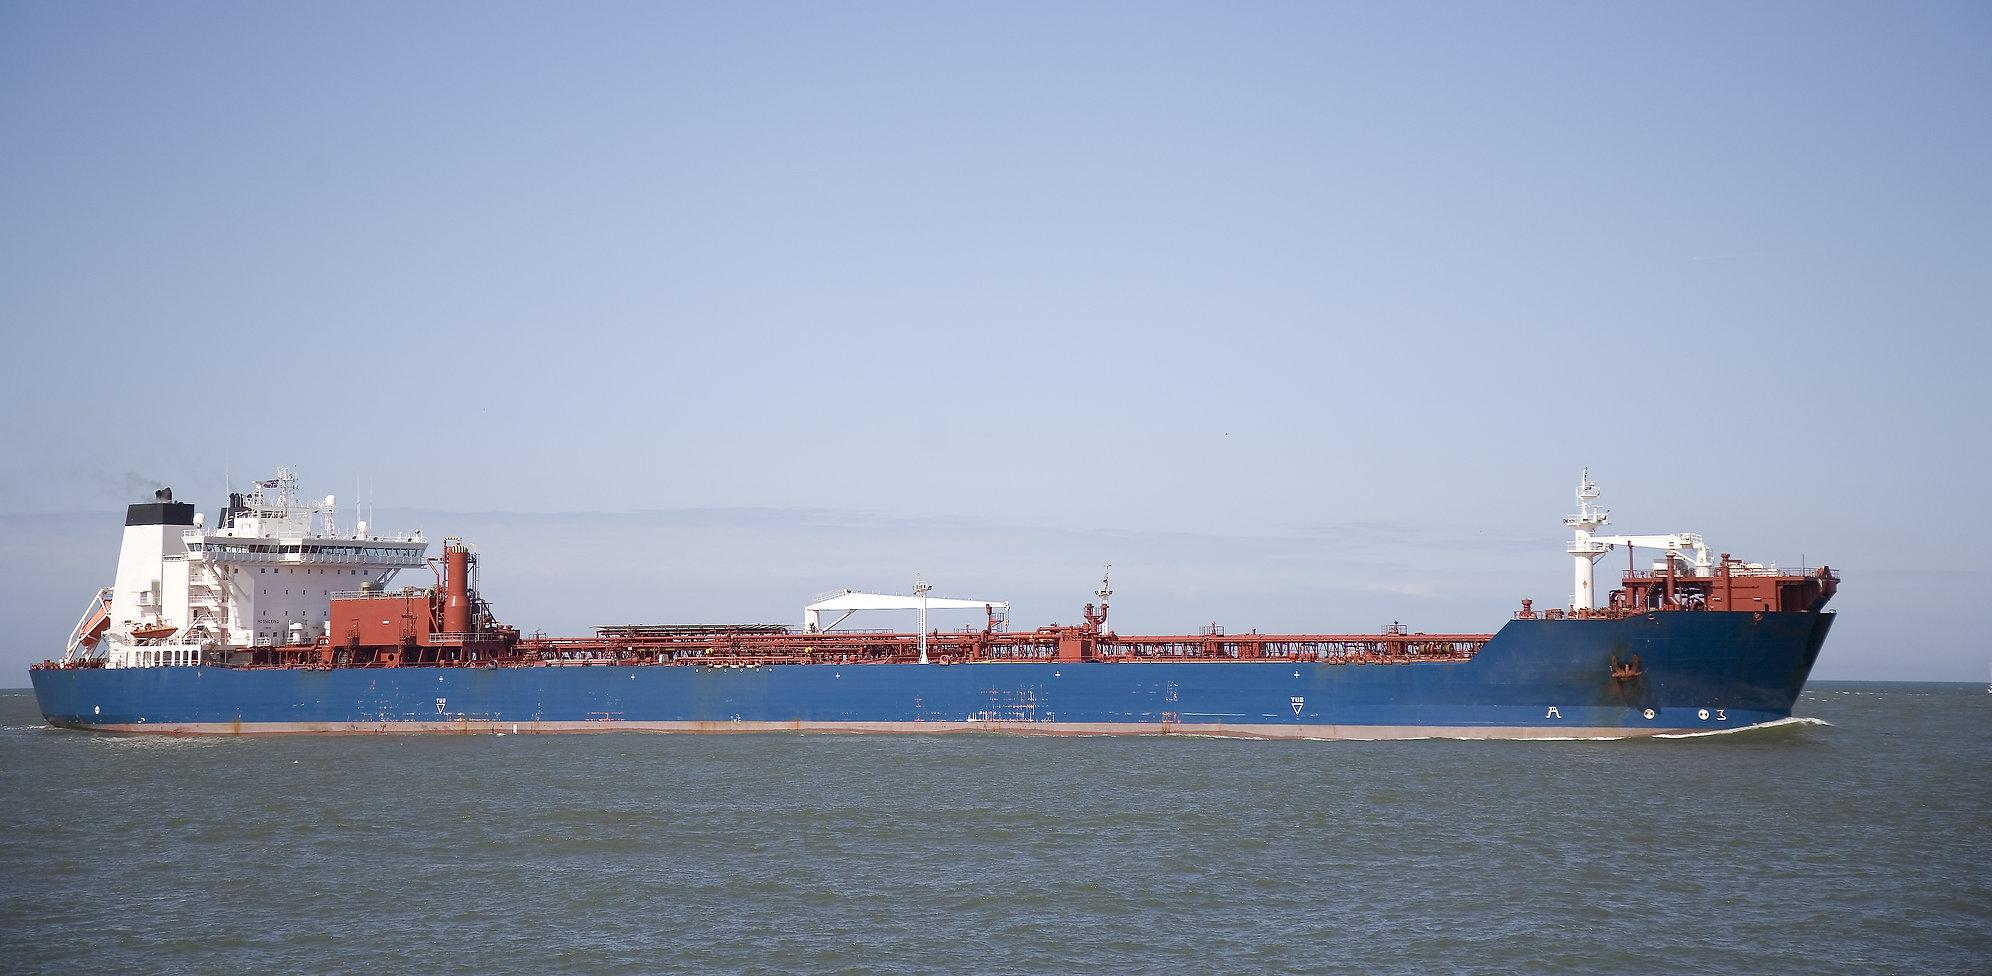 cargo-ship-3-2221362.jpg